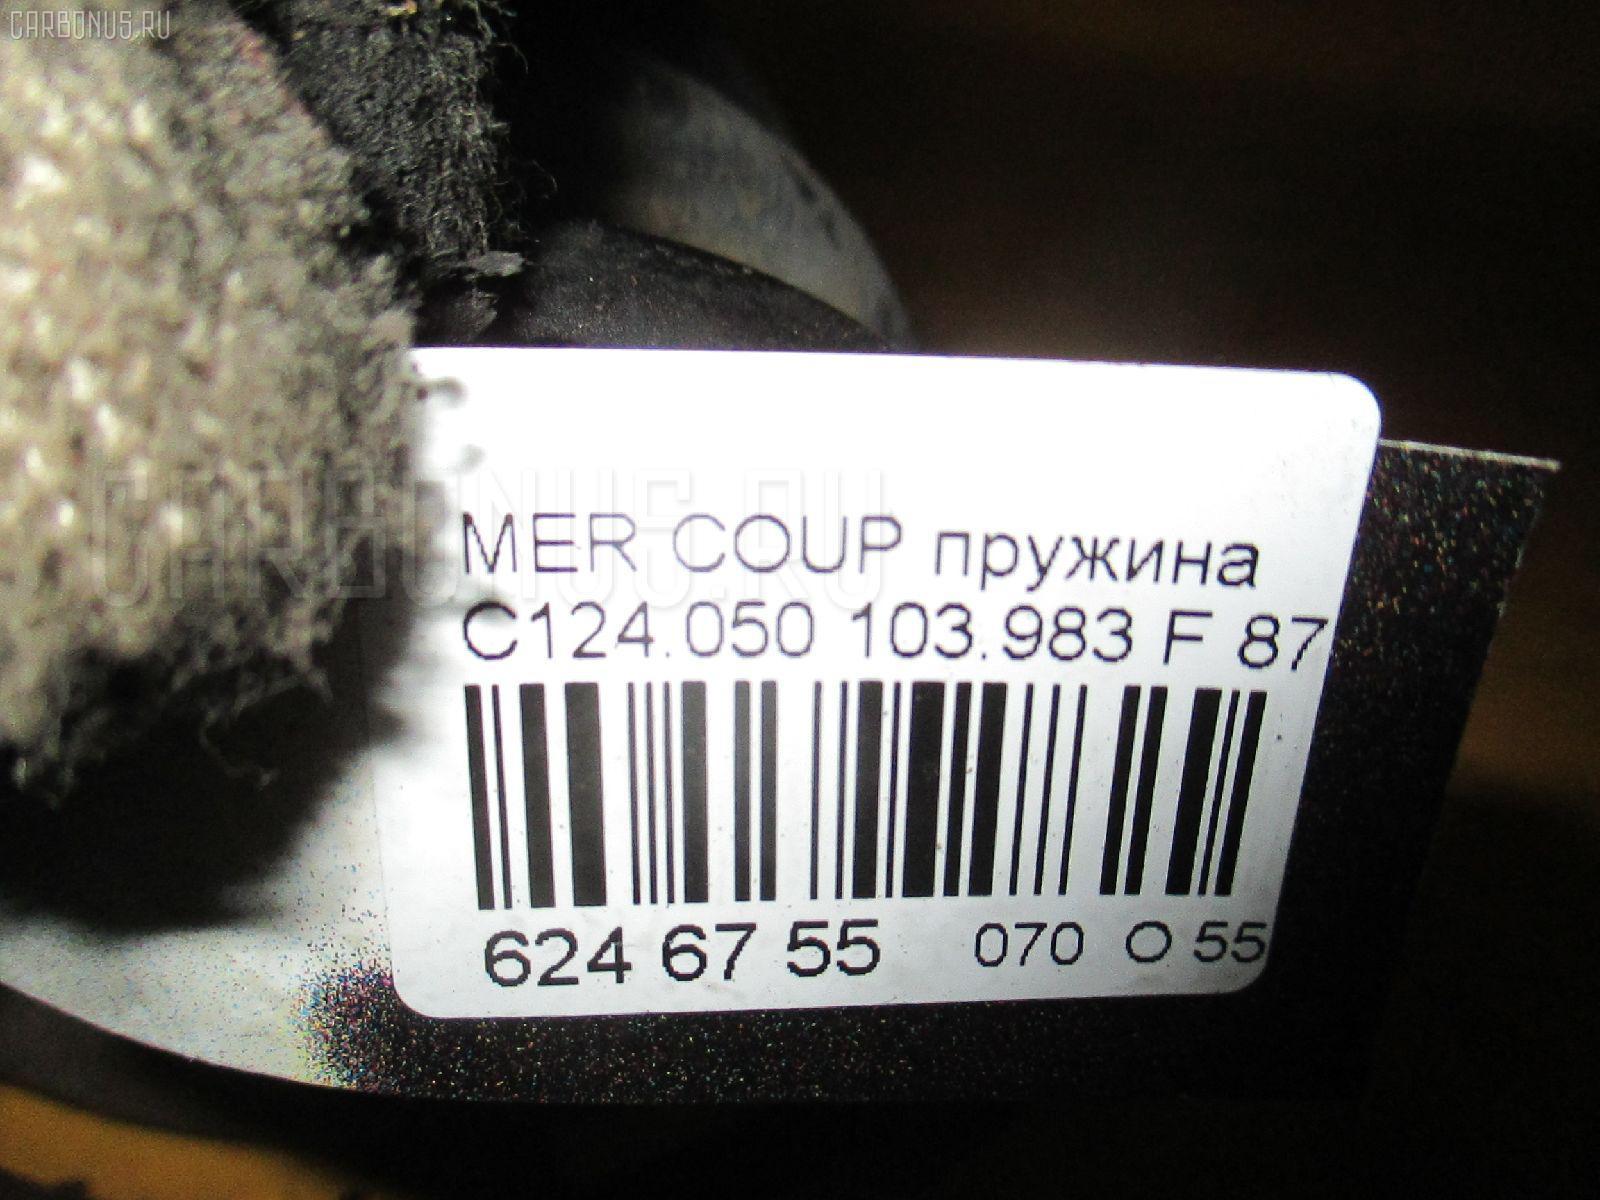 Пружина MERCEDES-BENZ COUPE C124.050 103.983 Фото 8